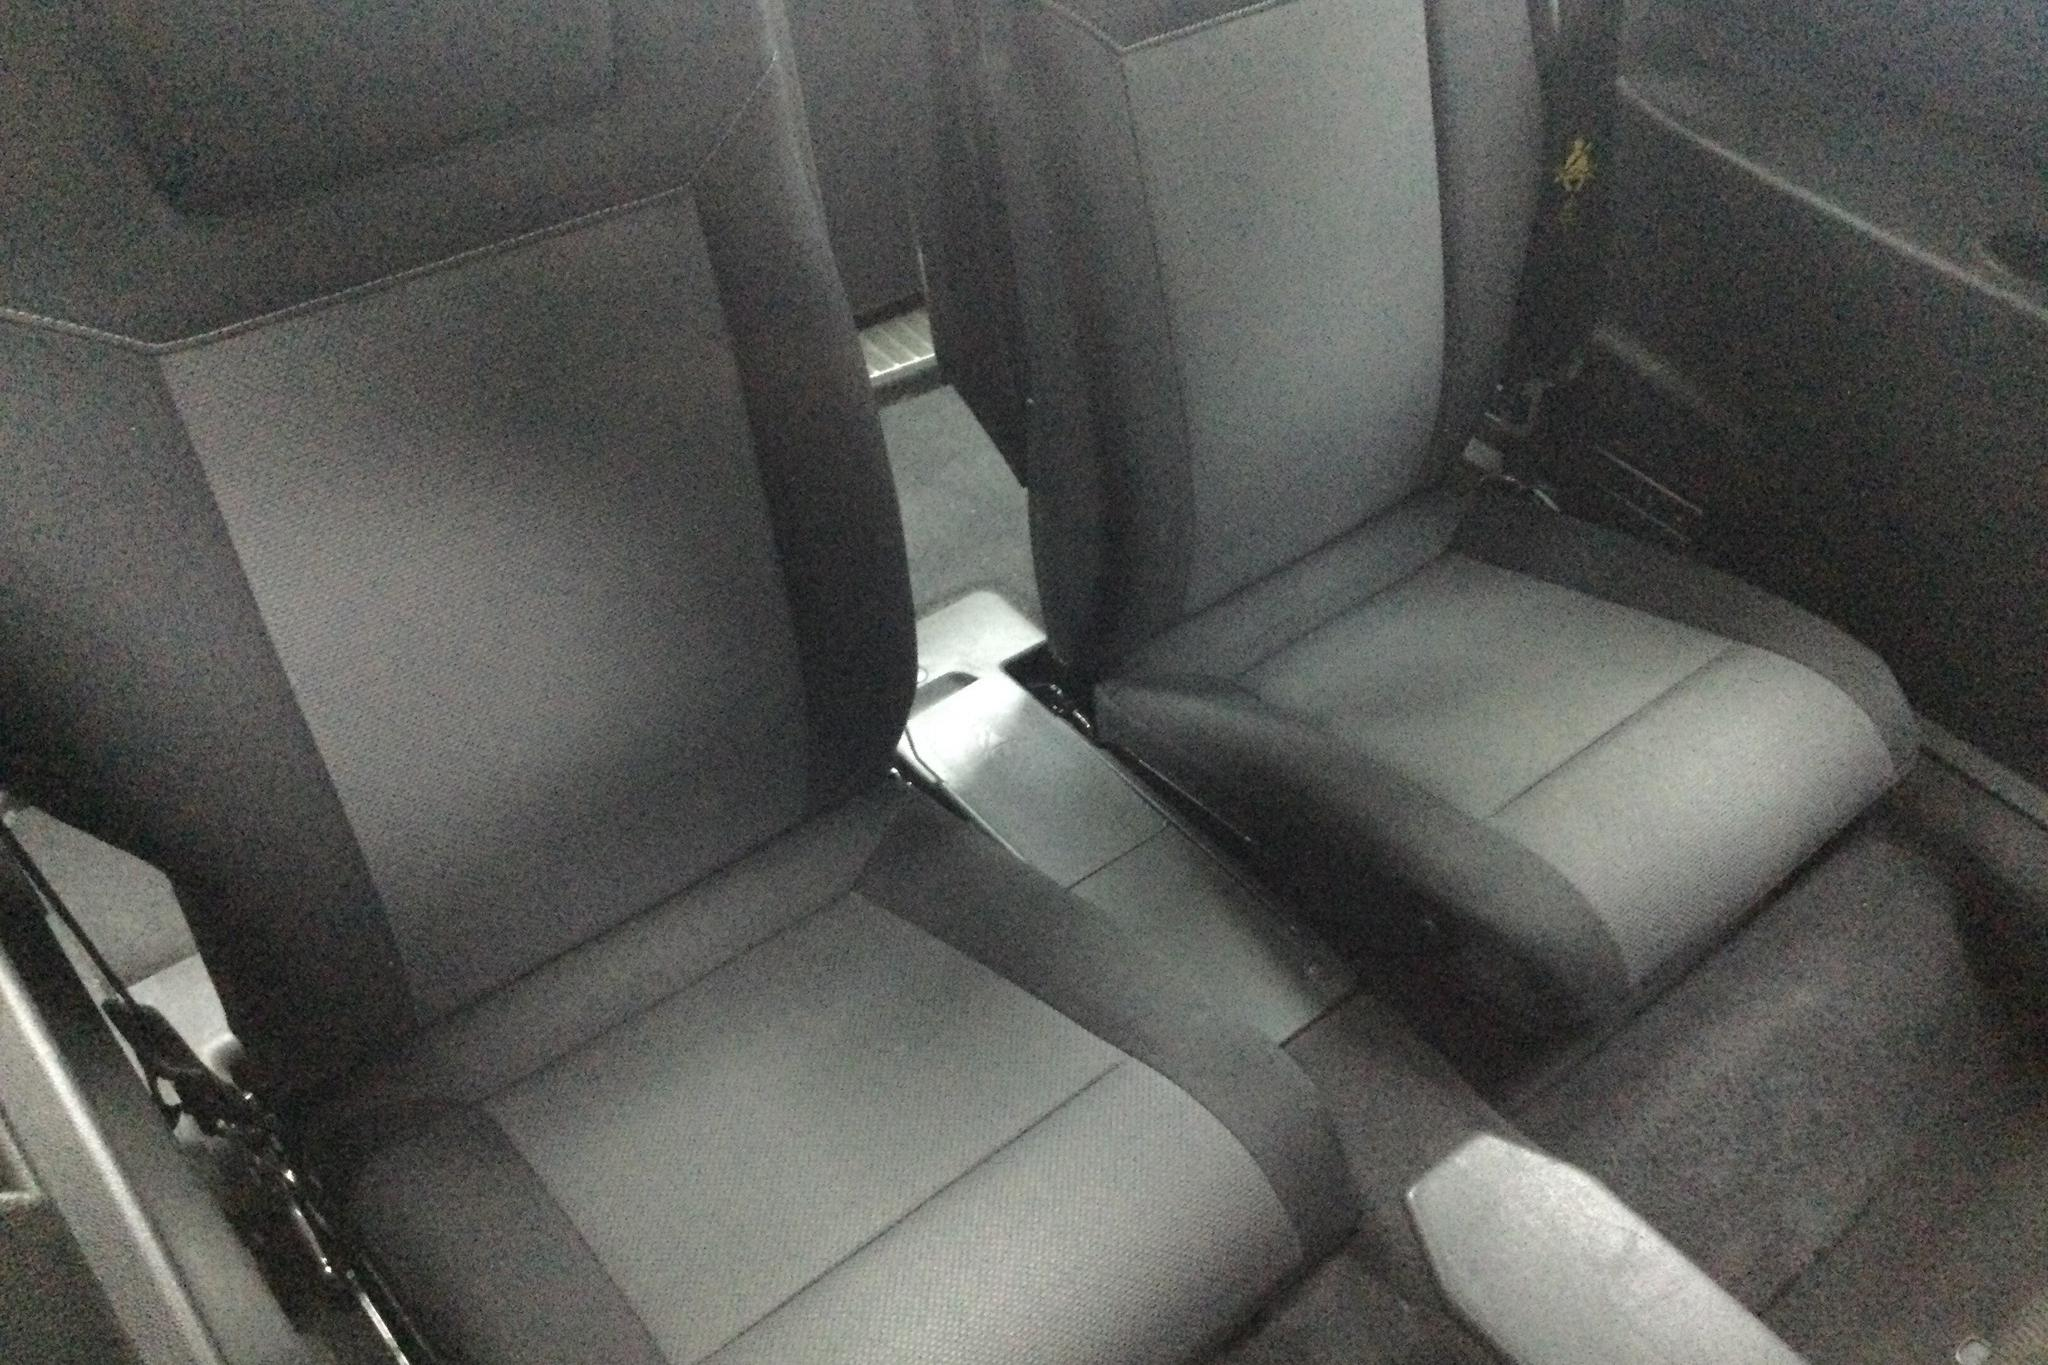 Opel Zafira II 2.2 (150hk) - 10 452 mil - Manuell - blå - 2006